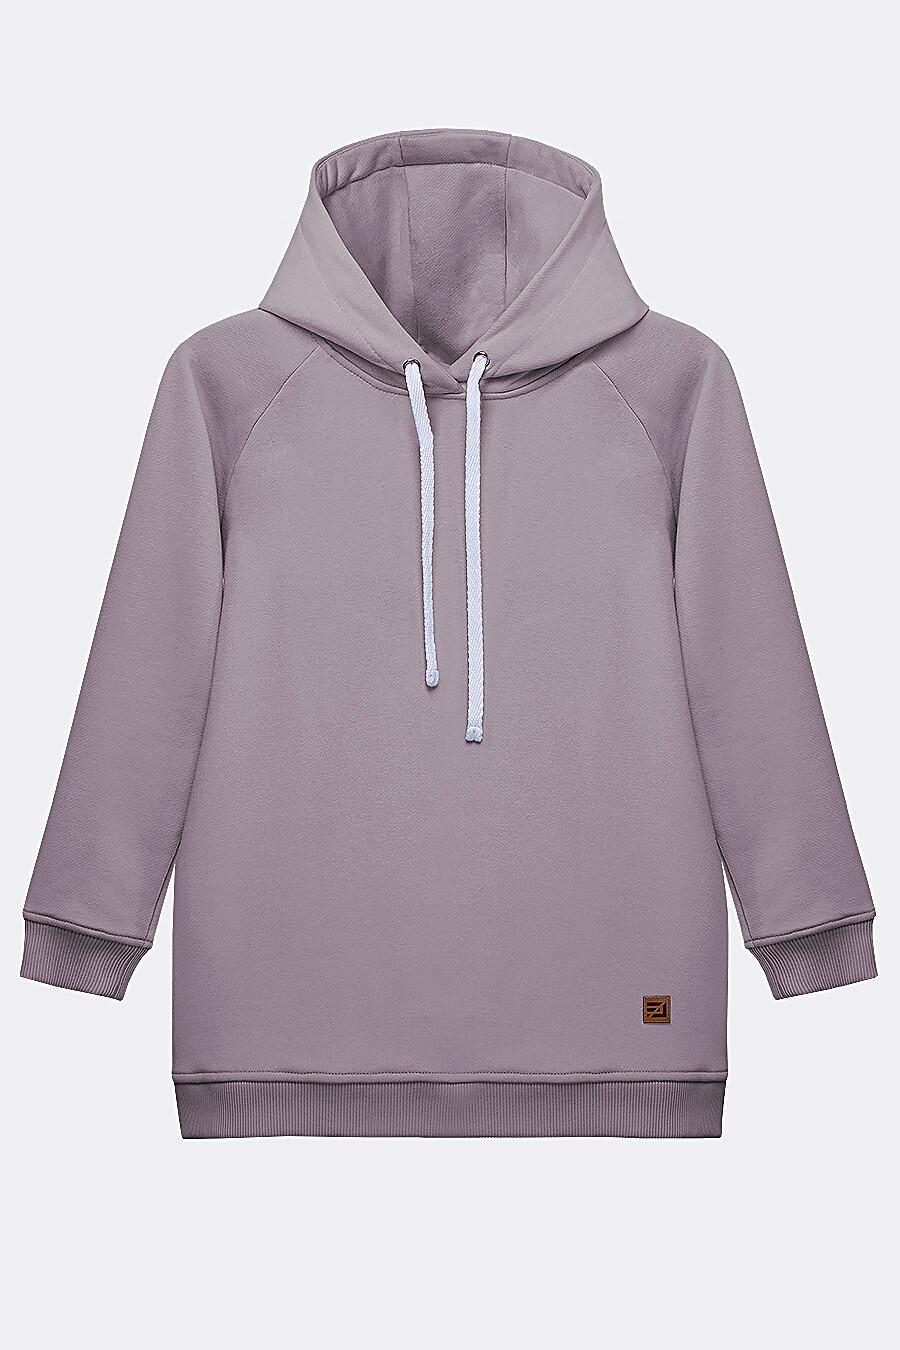 Костюм(Худи+Брюки) для мальчиков EZANNA 682716 купить оптом от производителя. Совместная покупка детской одежды в OptMoyo